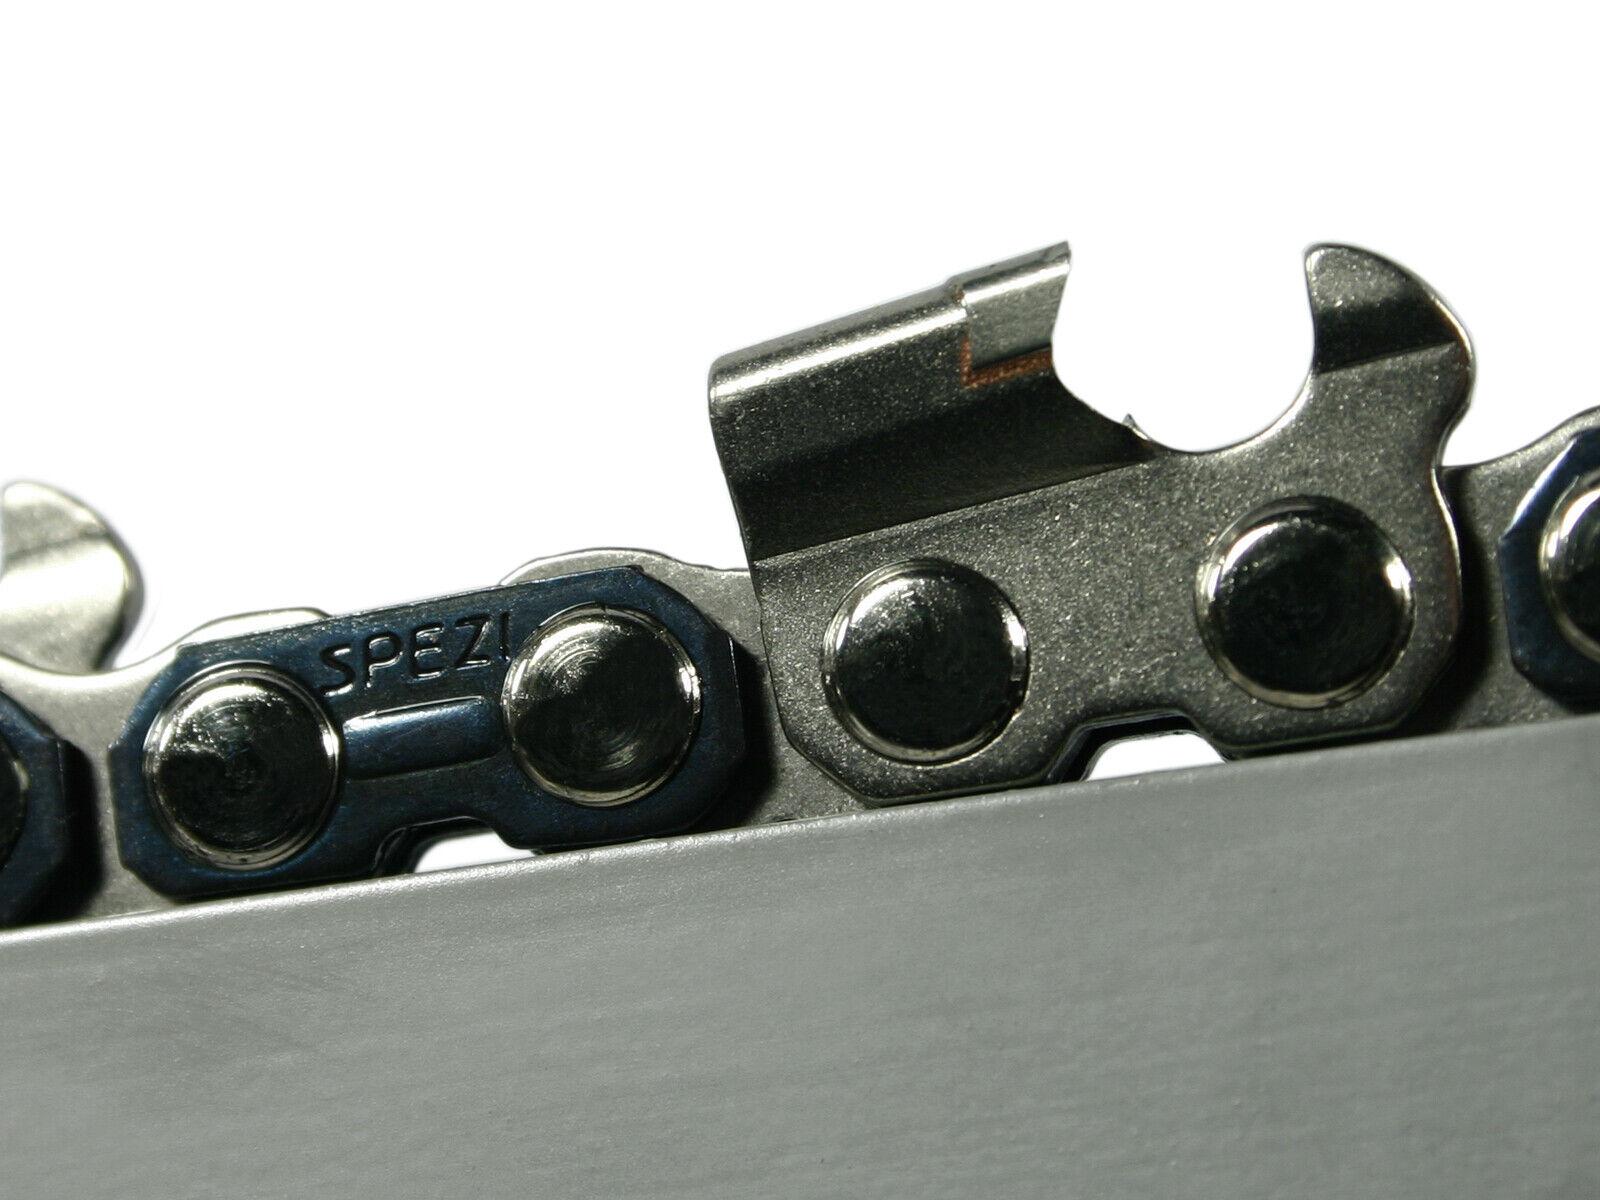 75cm Führungsschiene 3//8 4 Ketten passend für Stihl 044 MS440 MS 440 guide bar